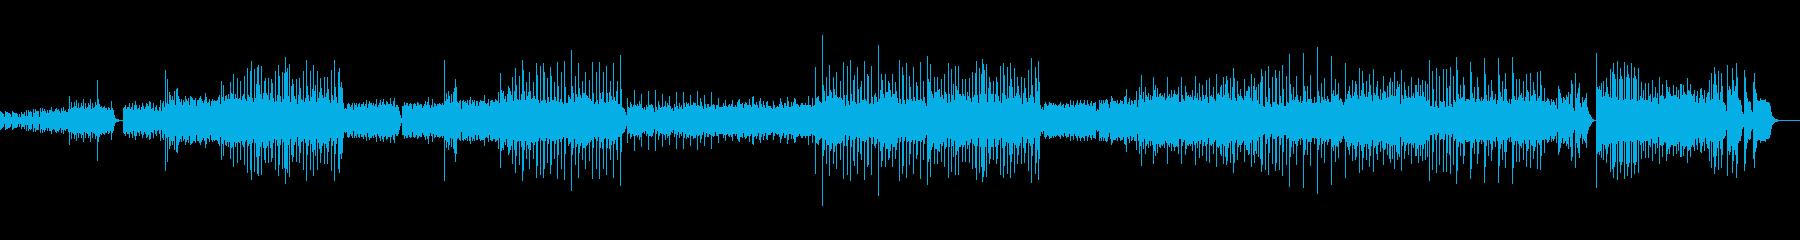 ウィリアムテル序曲(シンセ版)の再生済みの波形